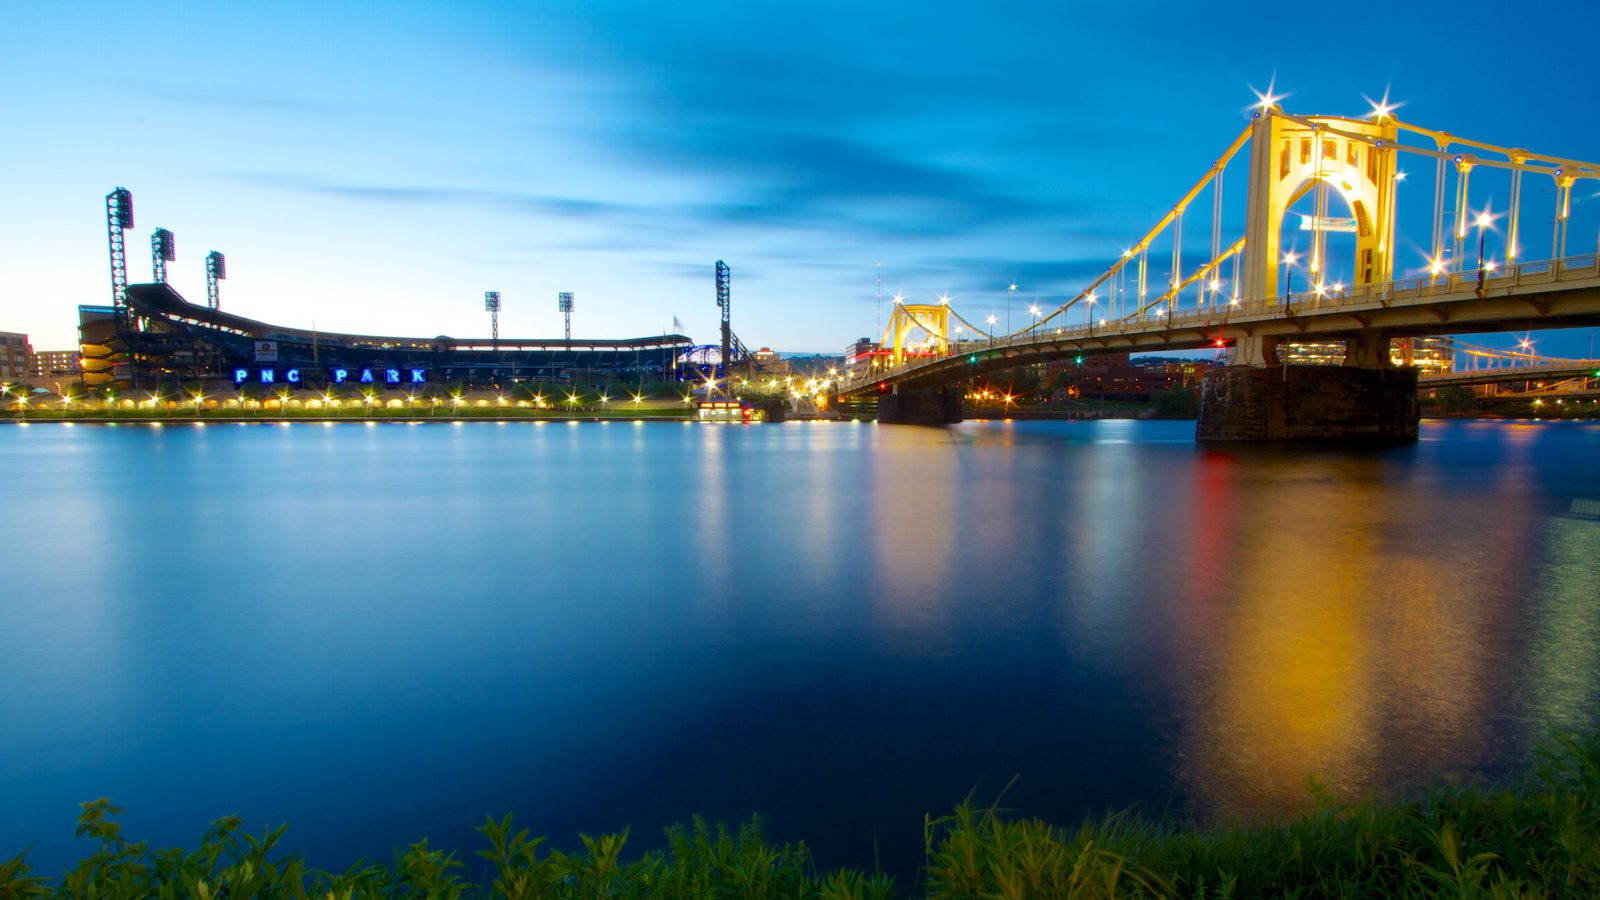 Roberto Clemente Bridge mostrando uma baía ou porto, uma cidade e uma ponte suspensa ou passarela entre as árvores